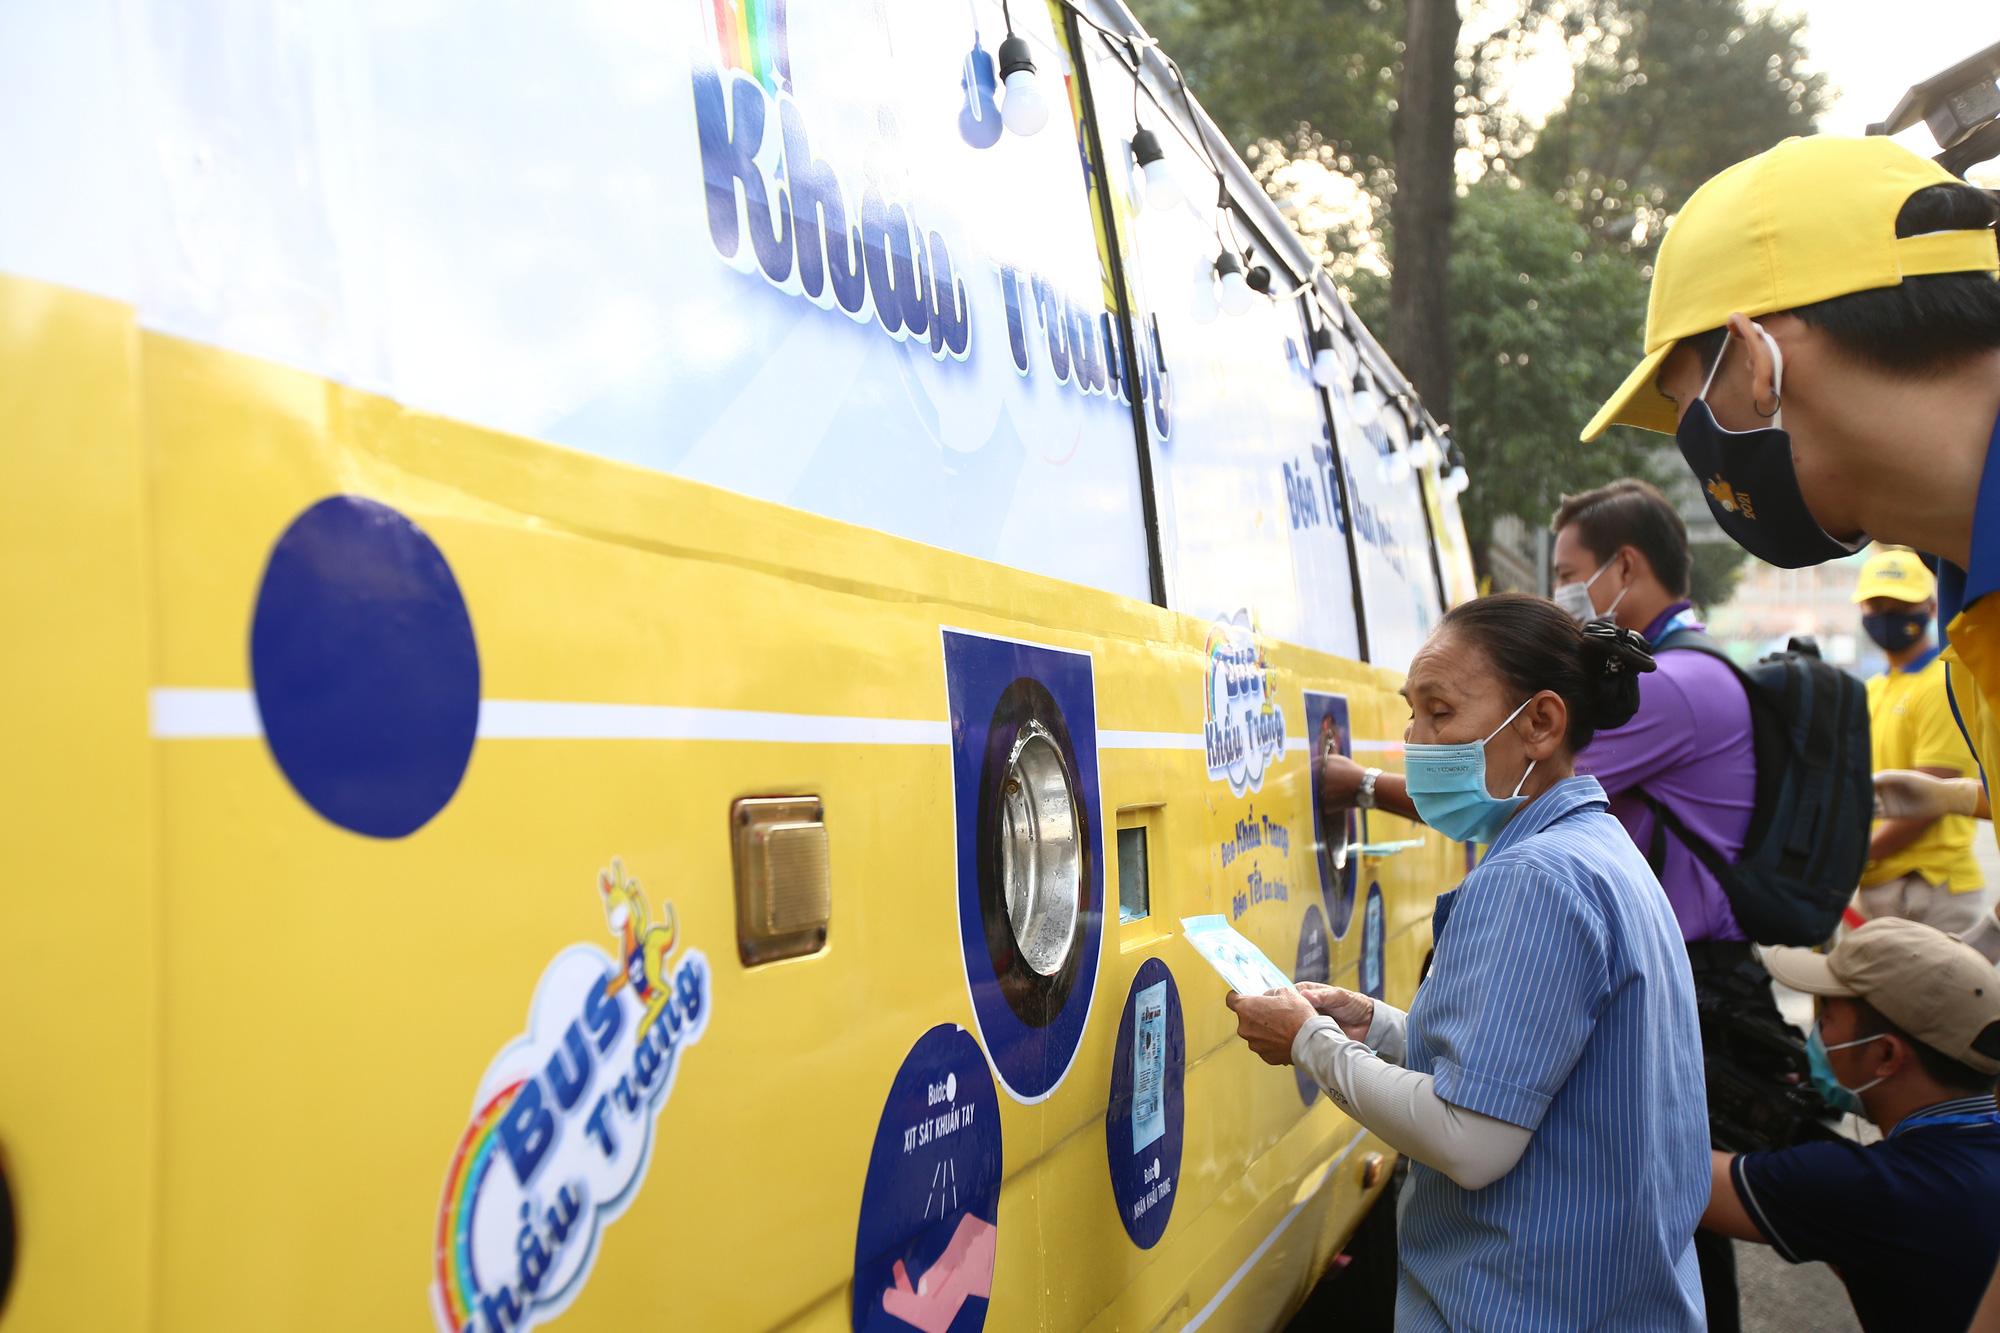 TP.HCM: Xuất hiện chiếc xe buýt vàng khè phát khẩu trang miễn phí như ATM gạo - Ảnh 1.